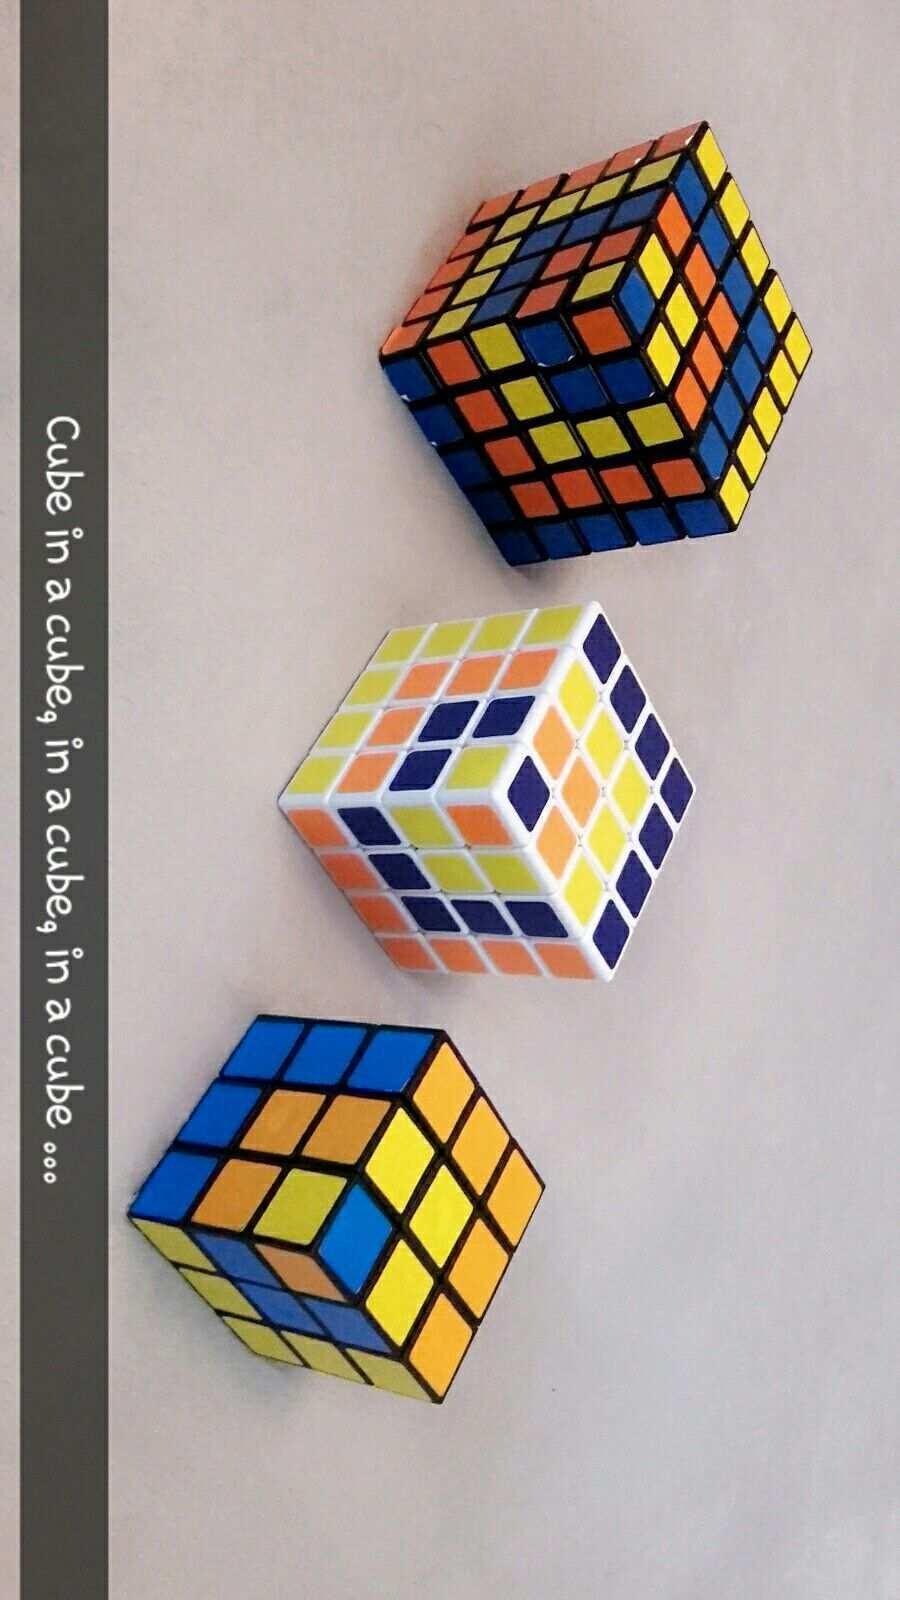 Zauberwurfel Rubiks Cube Coole Muster Mit 3 3 3 4 4 4 5 5 5 Cube In A Cube Rubix Cube Rubiks Cube Cube